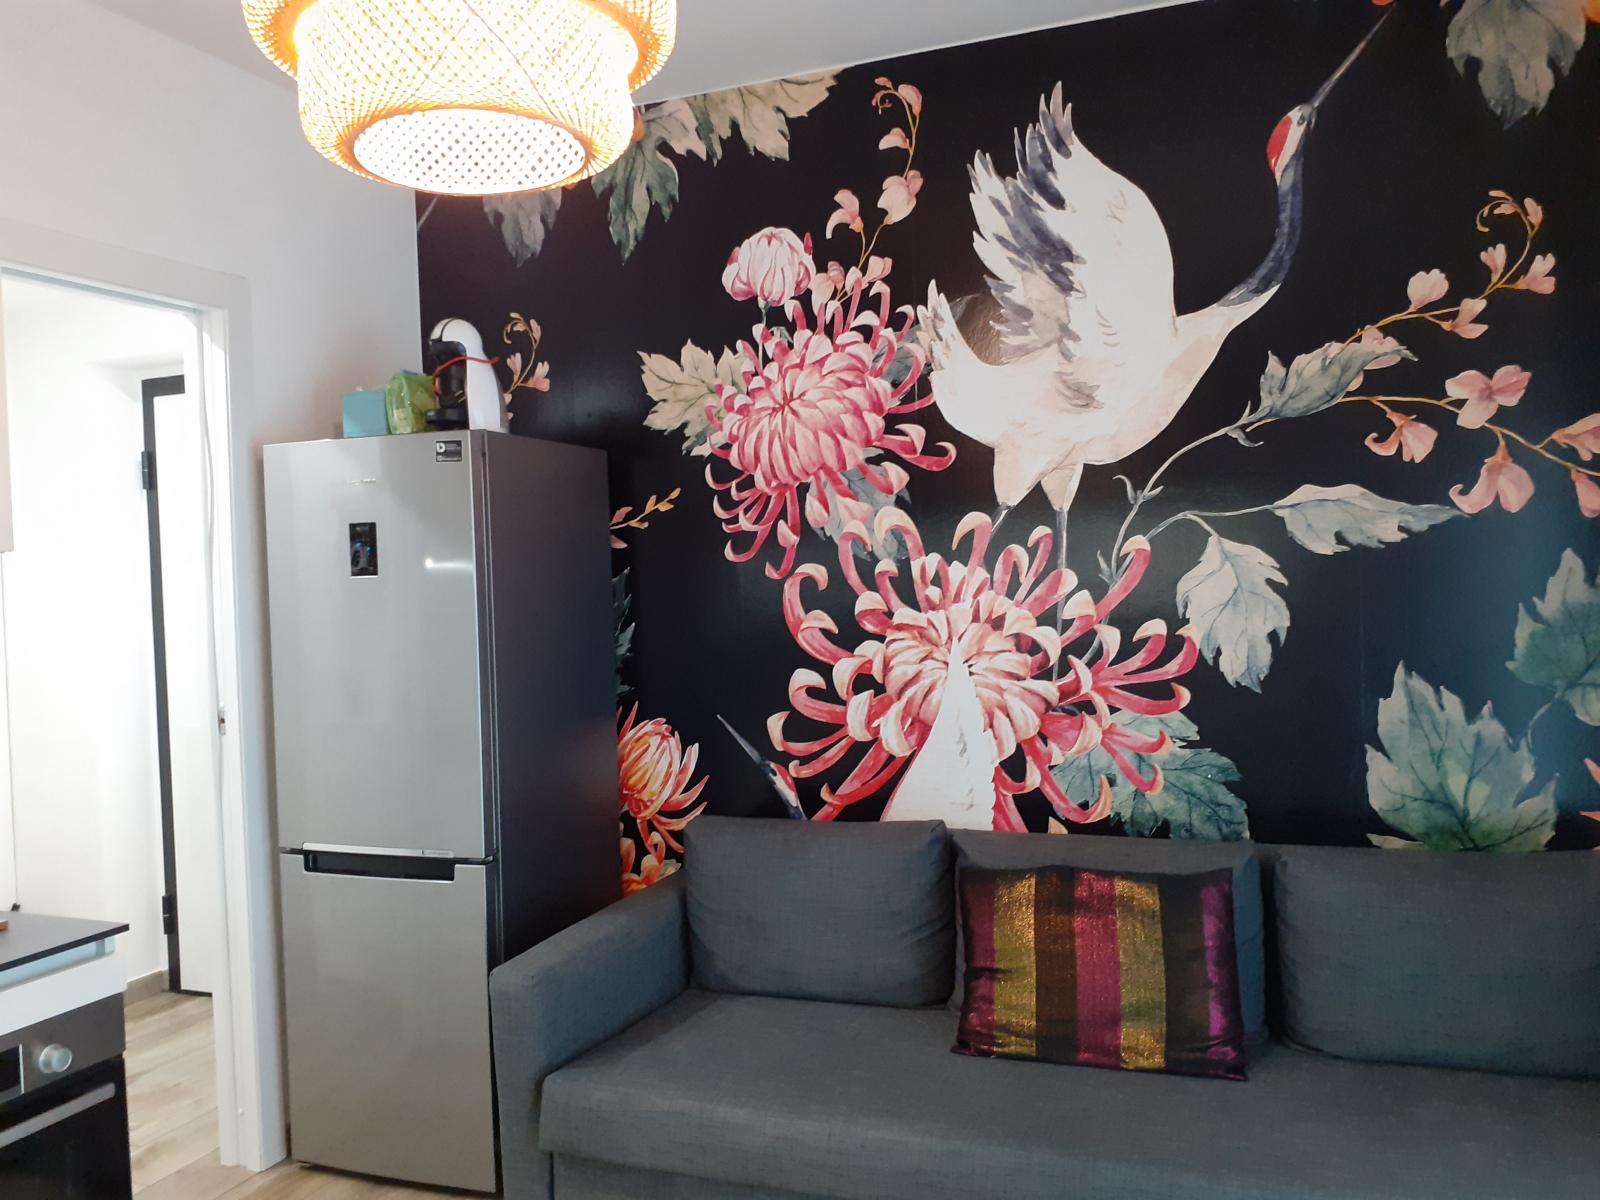 appartamento-open-space-milano-via-broggini-baggio-spaziourbano-immobiliare-vende-8